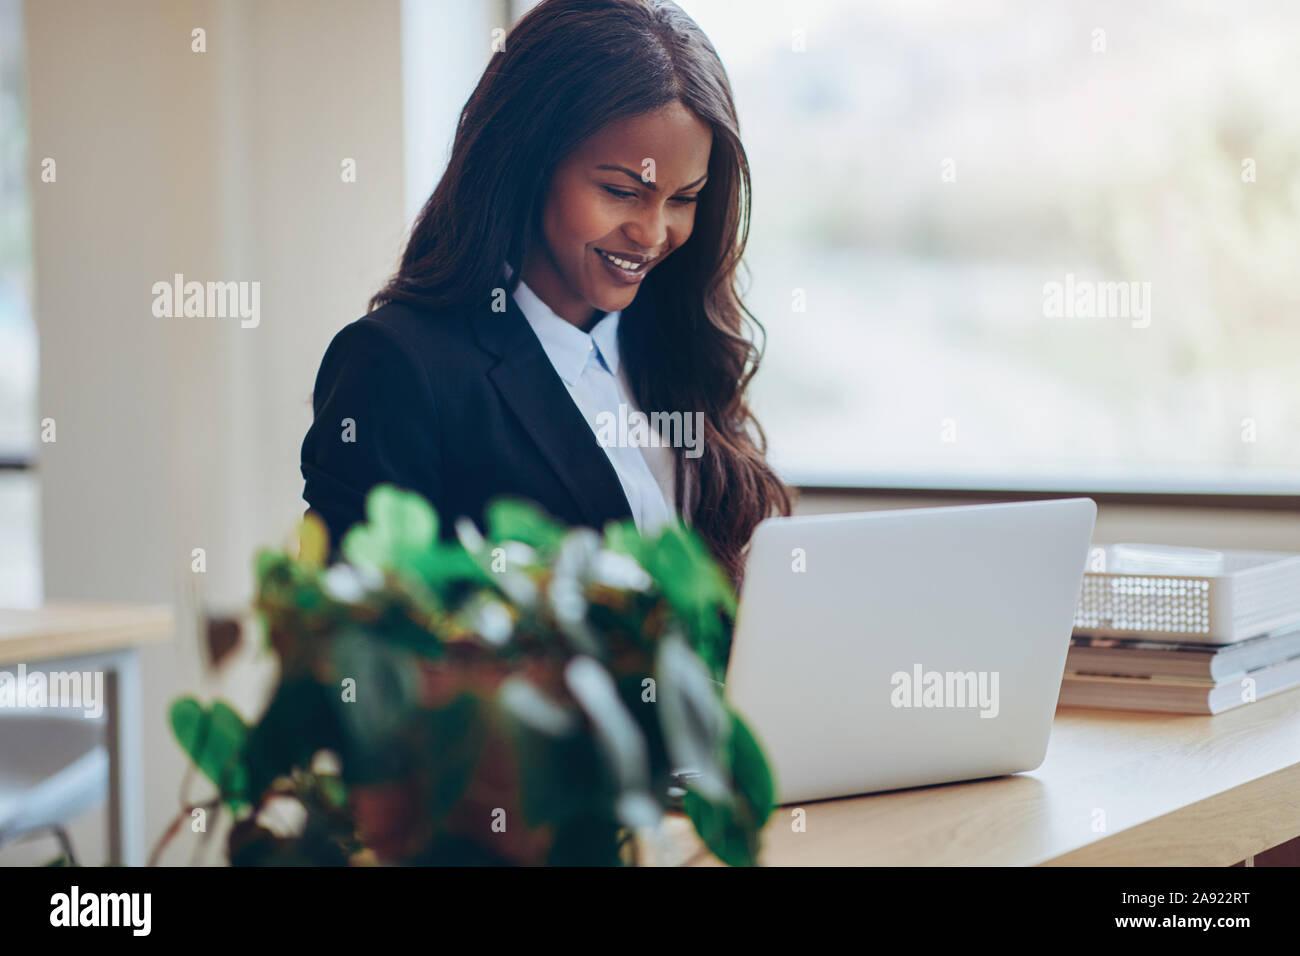 Sorridente giovane americano africano imprenditrice in piedi a un tavolo nella sala di un moderno ufficio a lavorare sul suo computer portatile Foto Stock